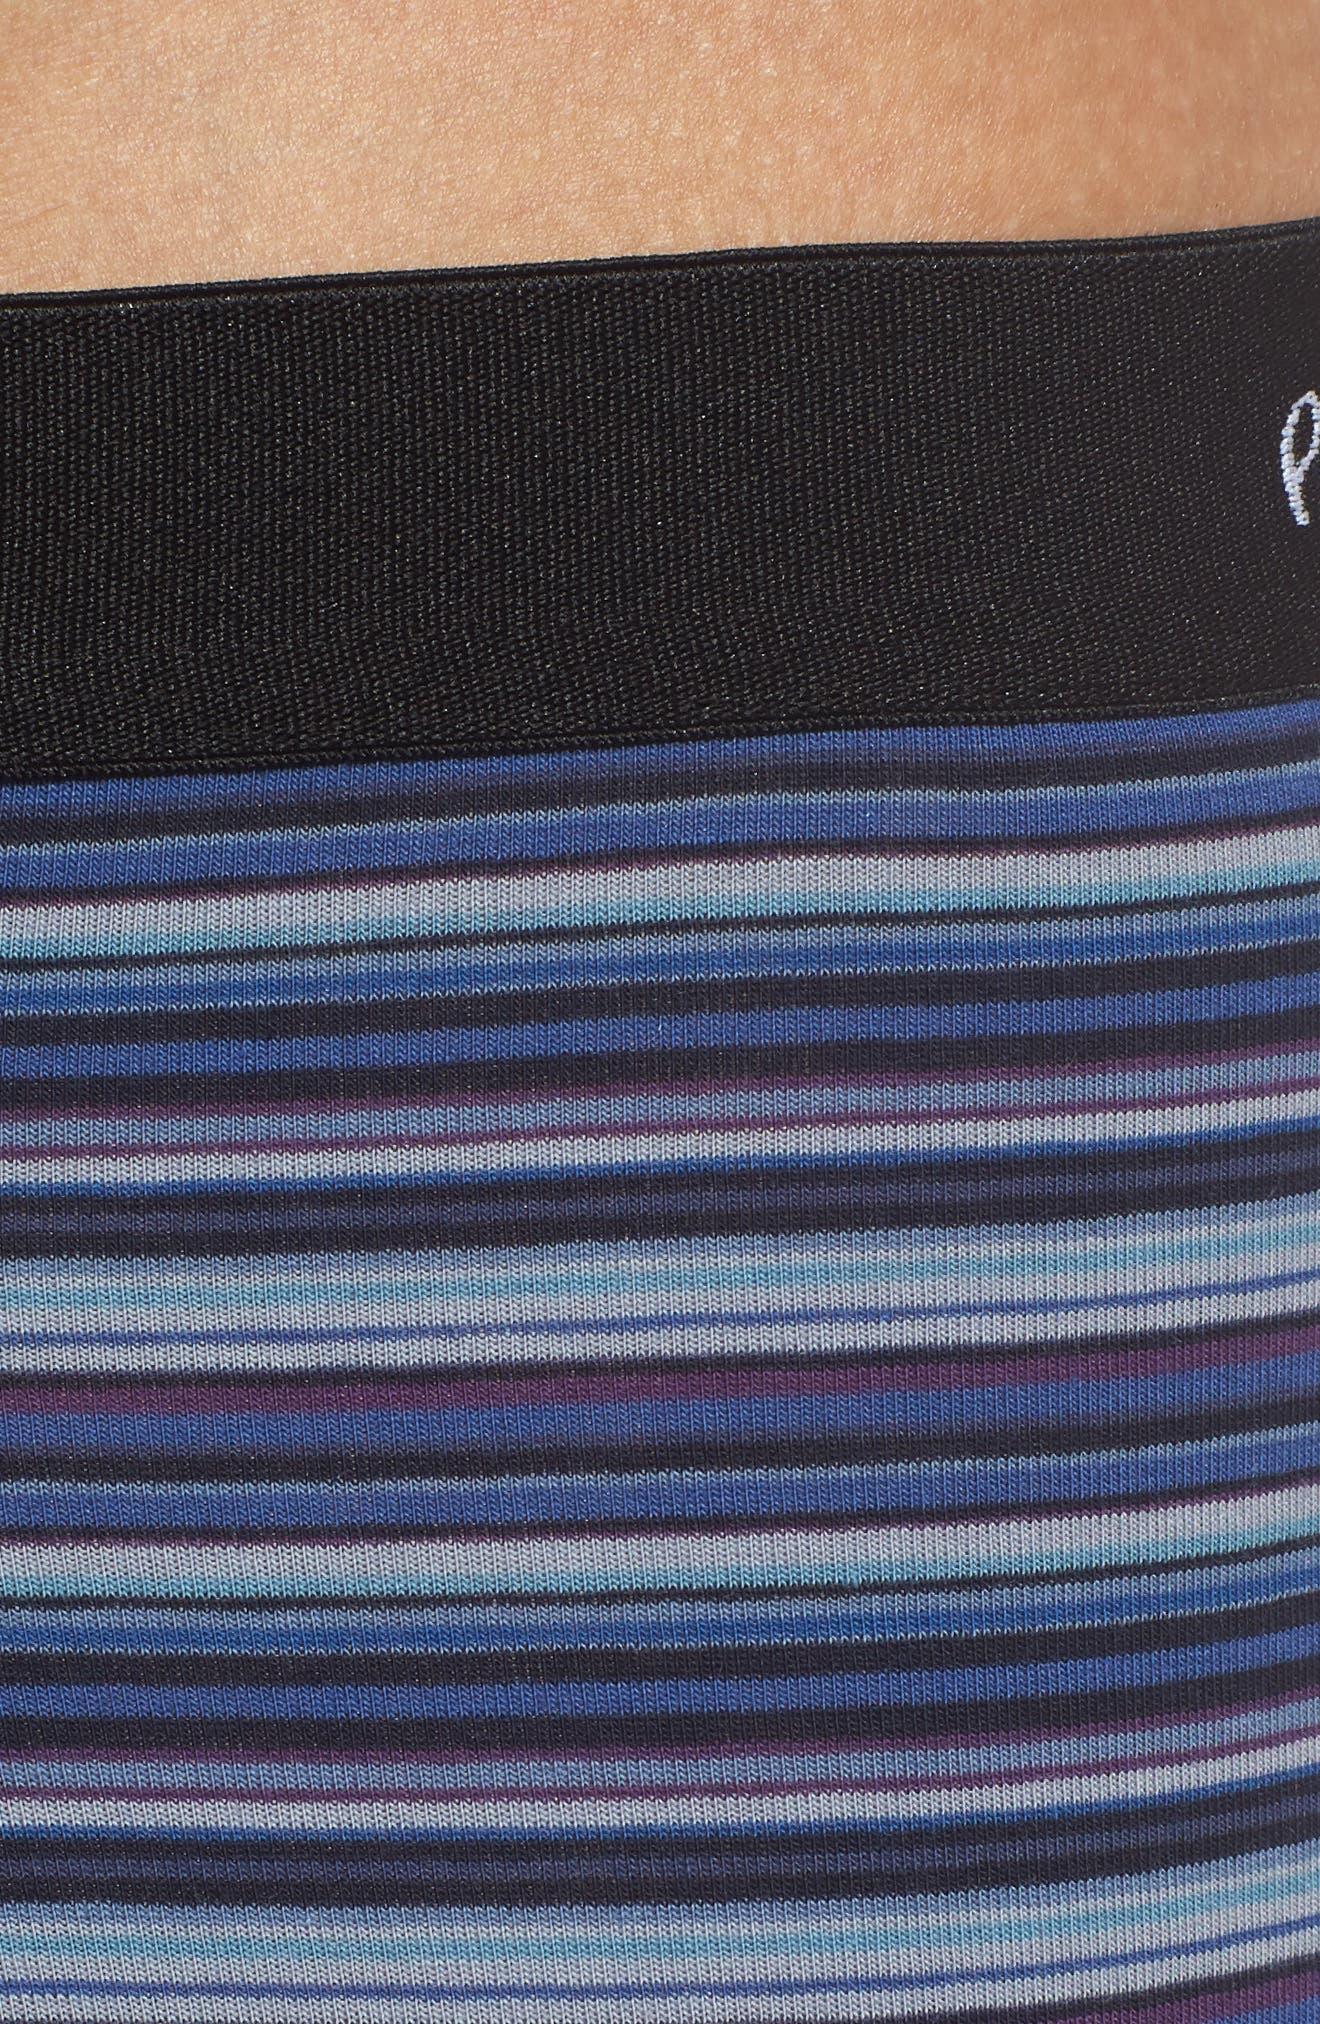 Long Leg Stretch Cotton Boxer Briefs,                             Alternate thumbnail 4, color,                             BLUE